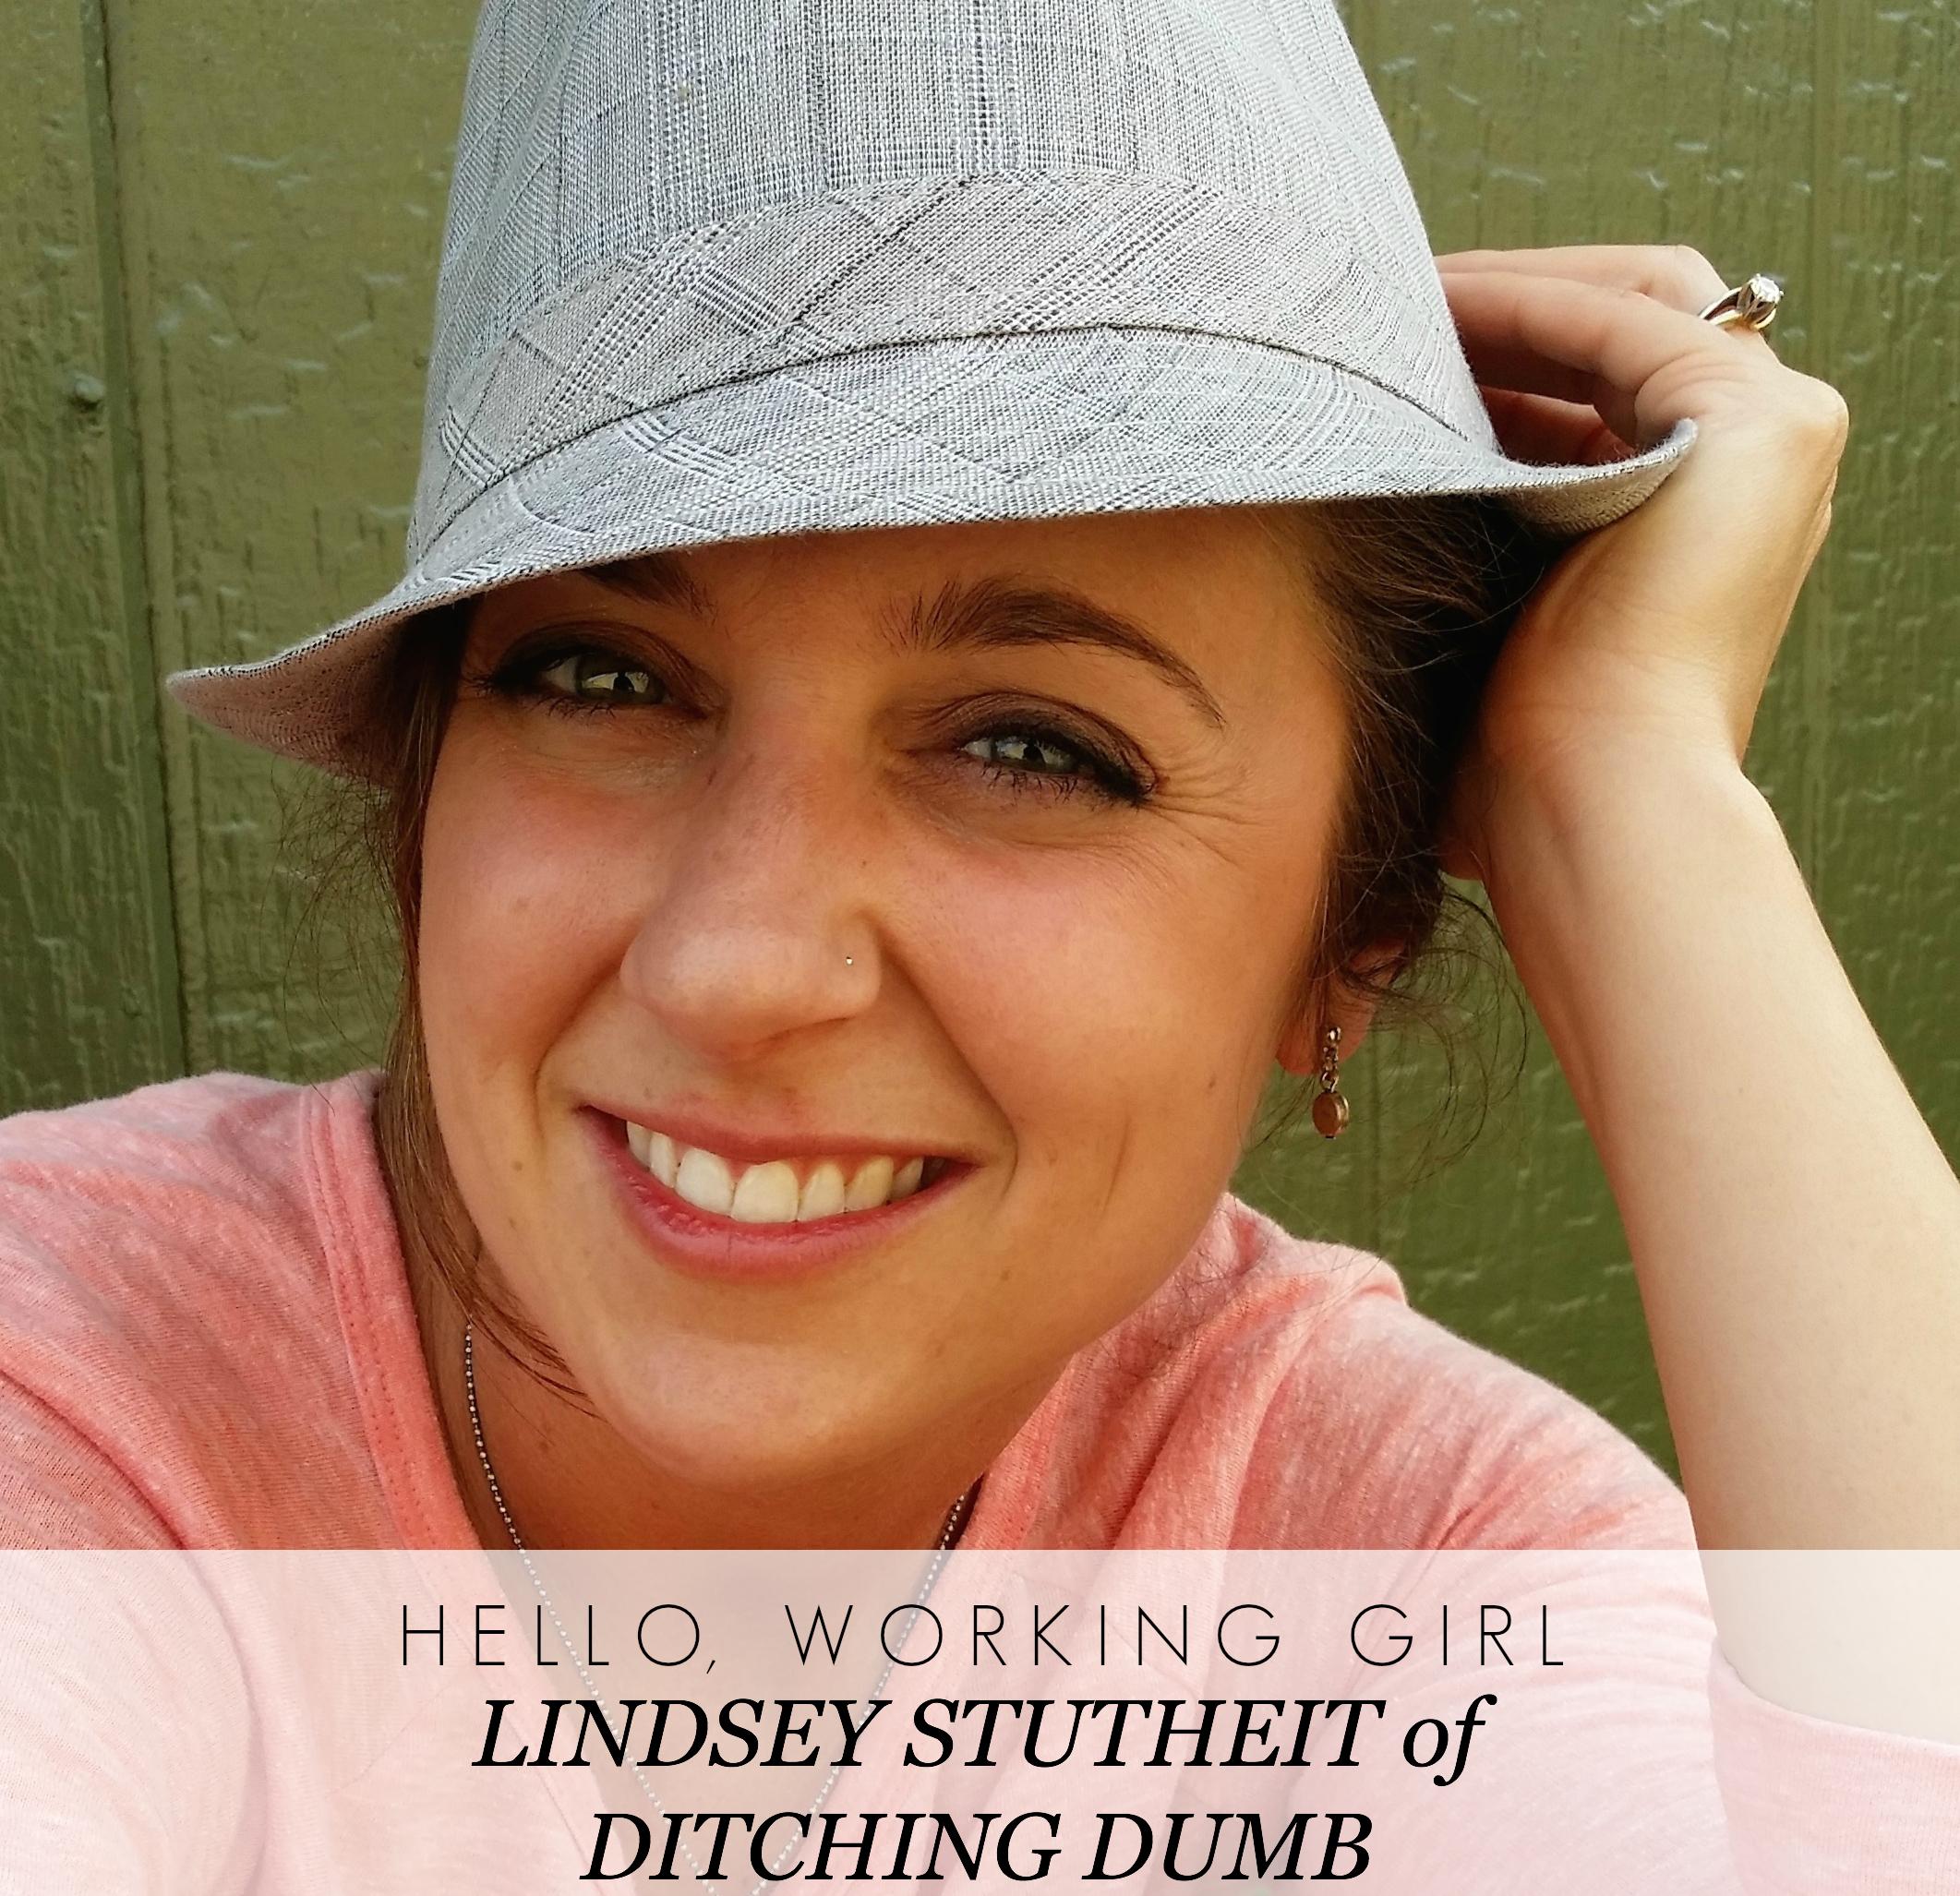 LindseyStutheit